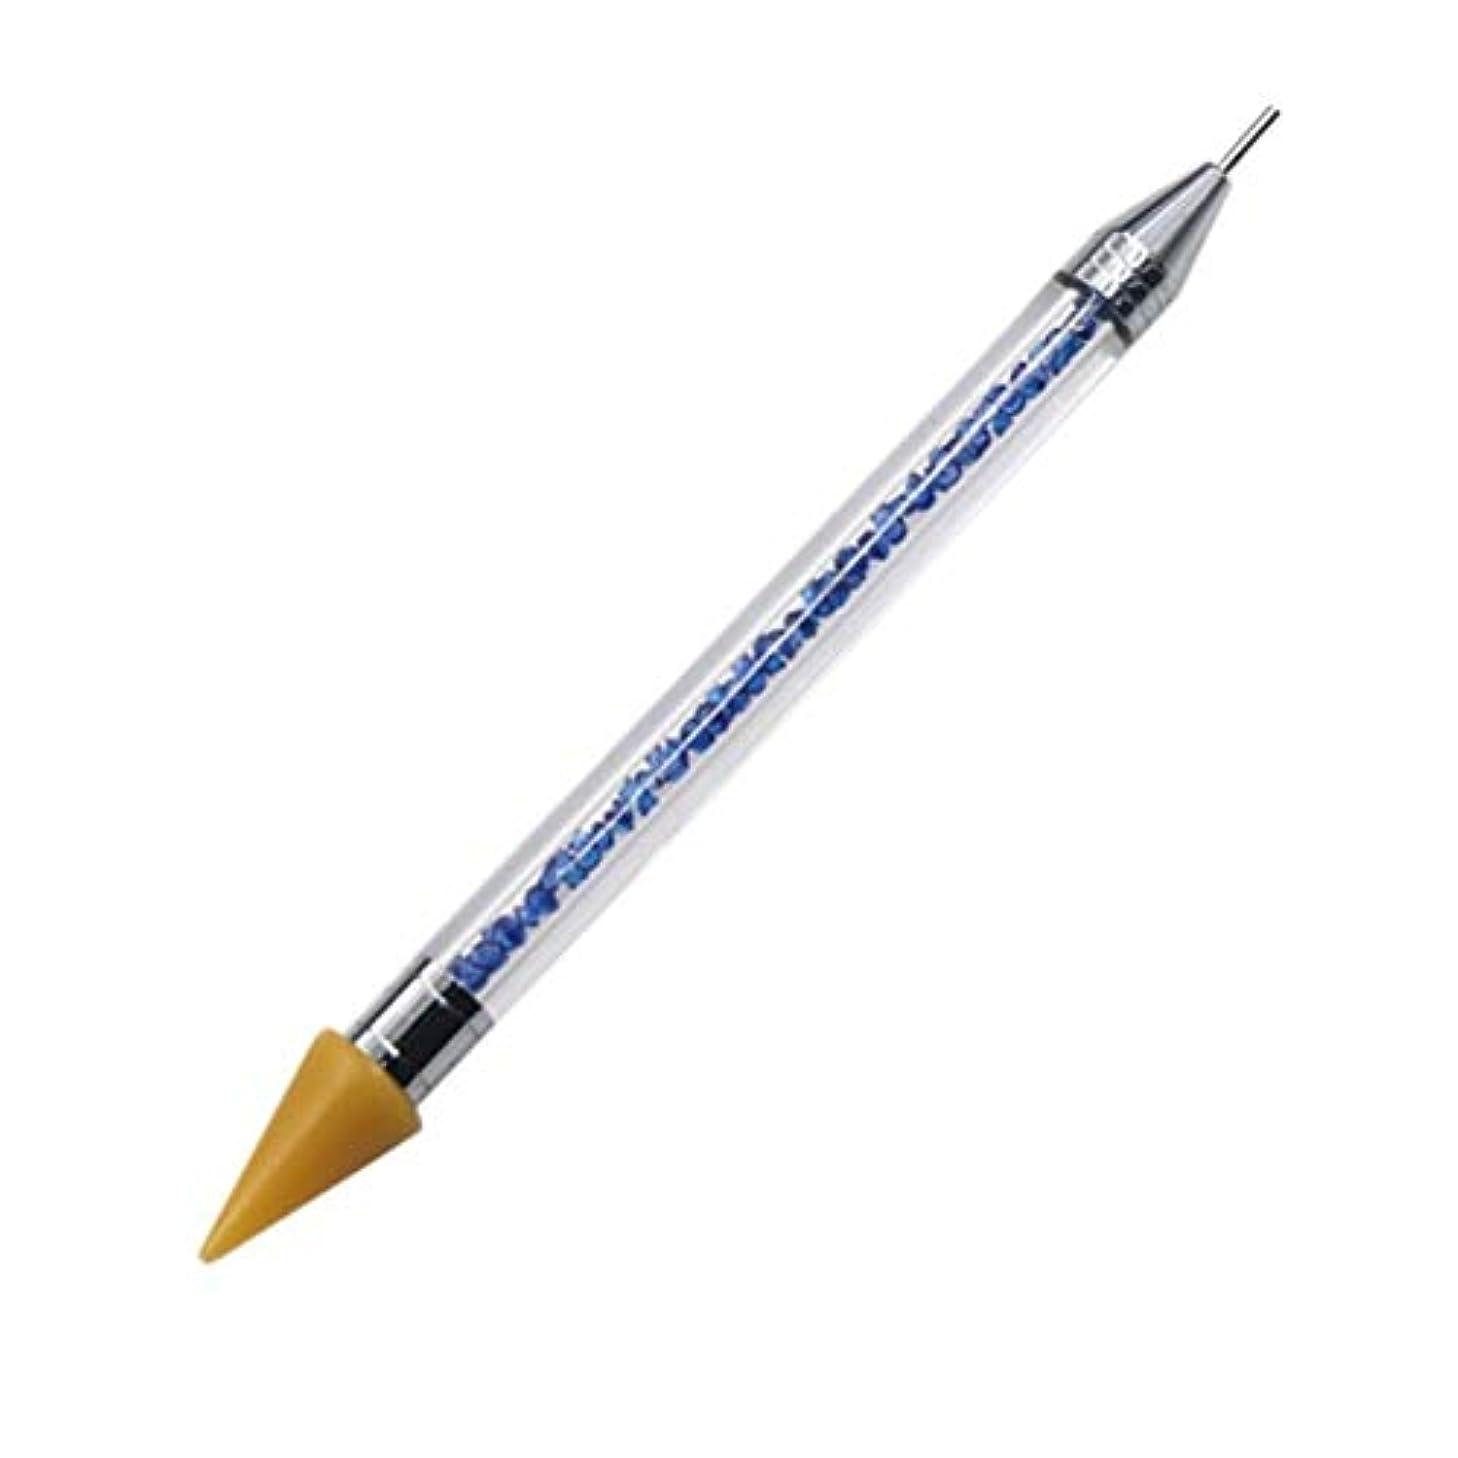 犠牲癌期待してネイルペン DIY デュアルエンド 絵画ツール ペン ネイル筆 ネイルアートペン ネイルアートブラシ マニキュアツールキット ネイルツール ネイル用品 ラインストーンピッカー点在ペン マニキュアネイルアート DIY 装飾ツール